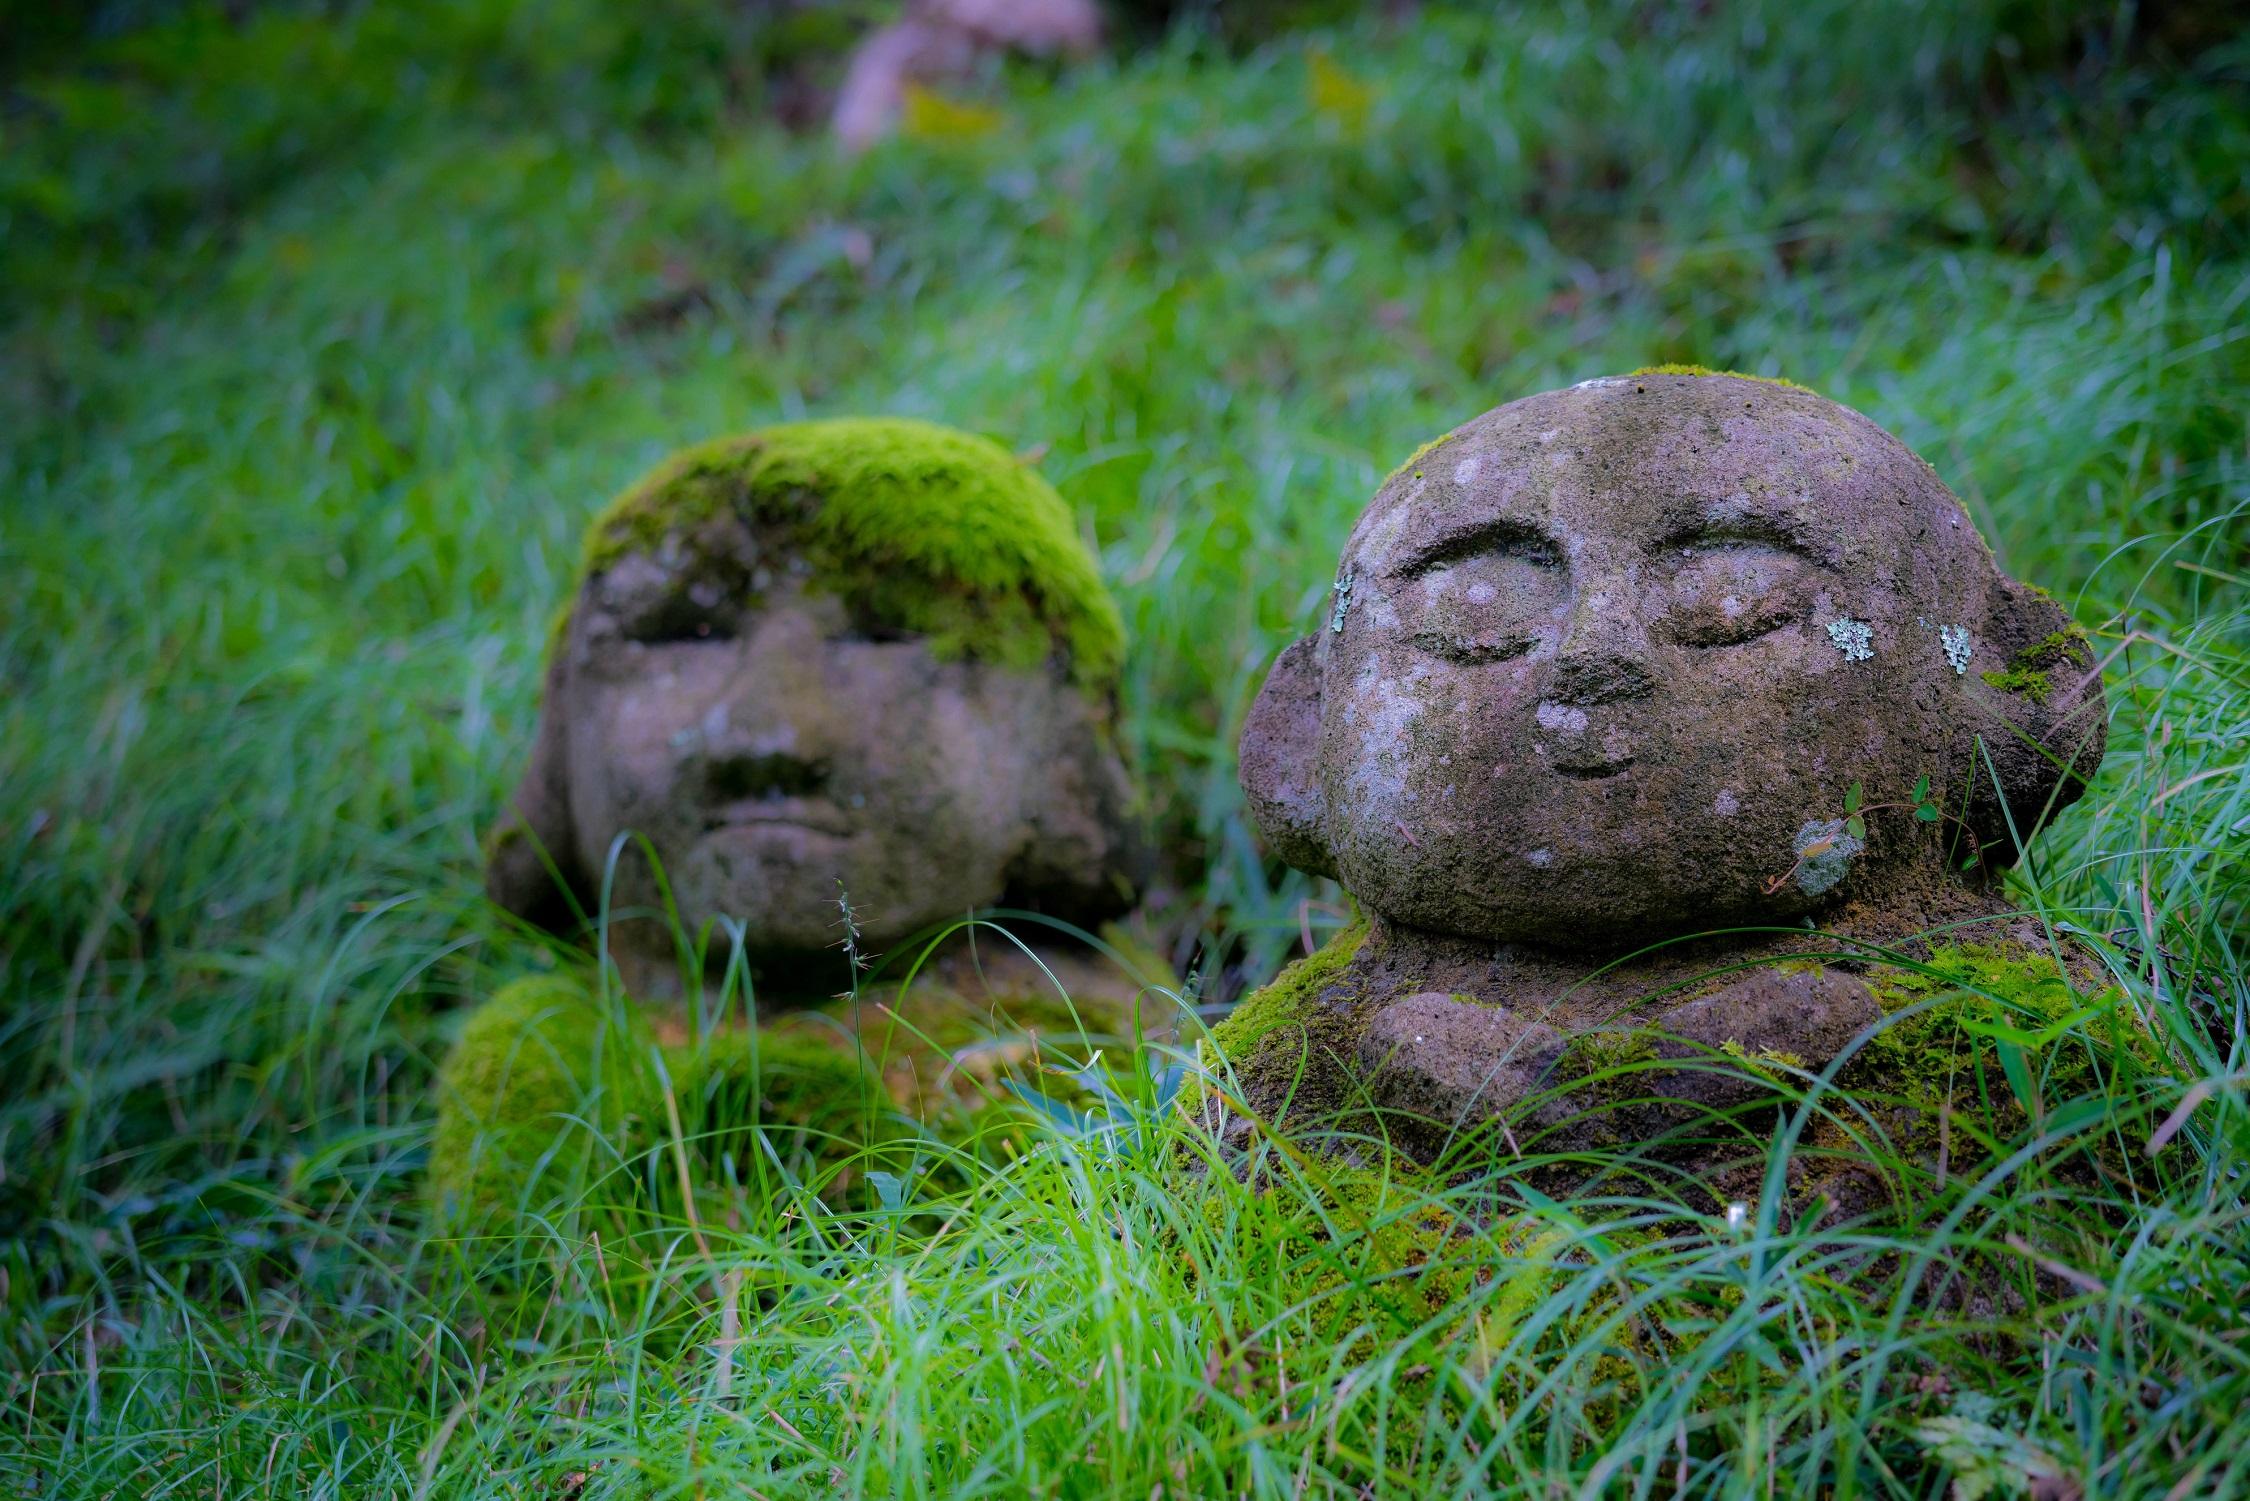 Kyoto Otagi statues